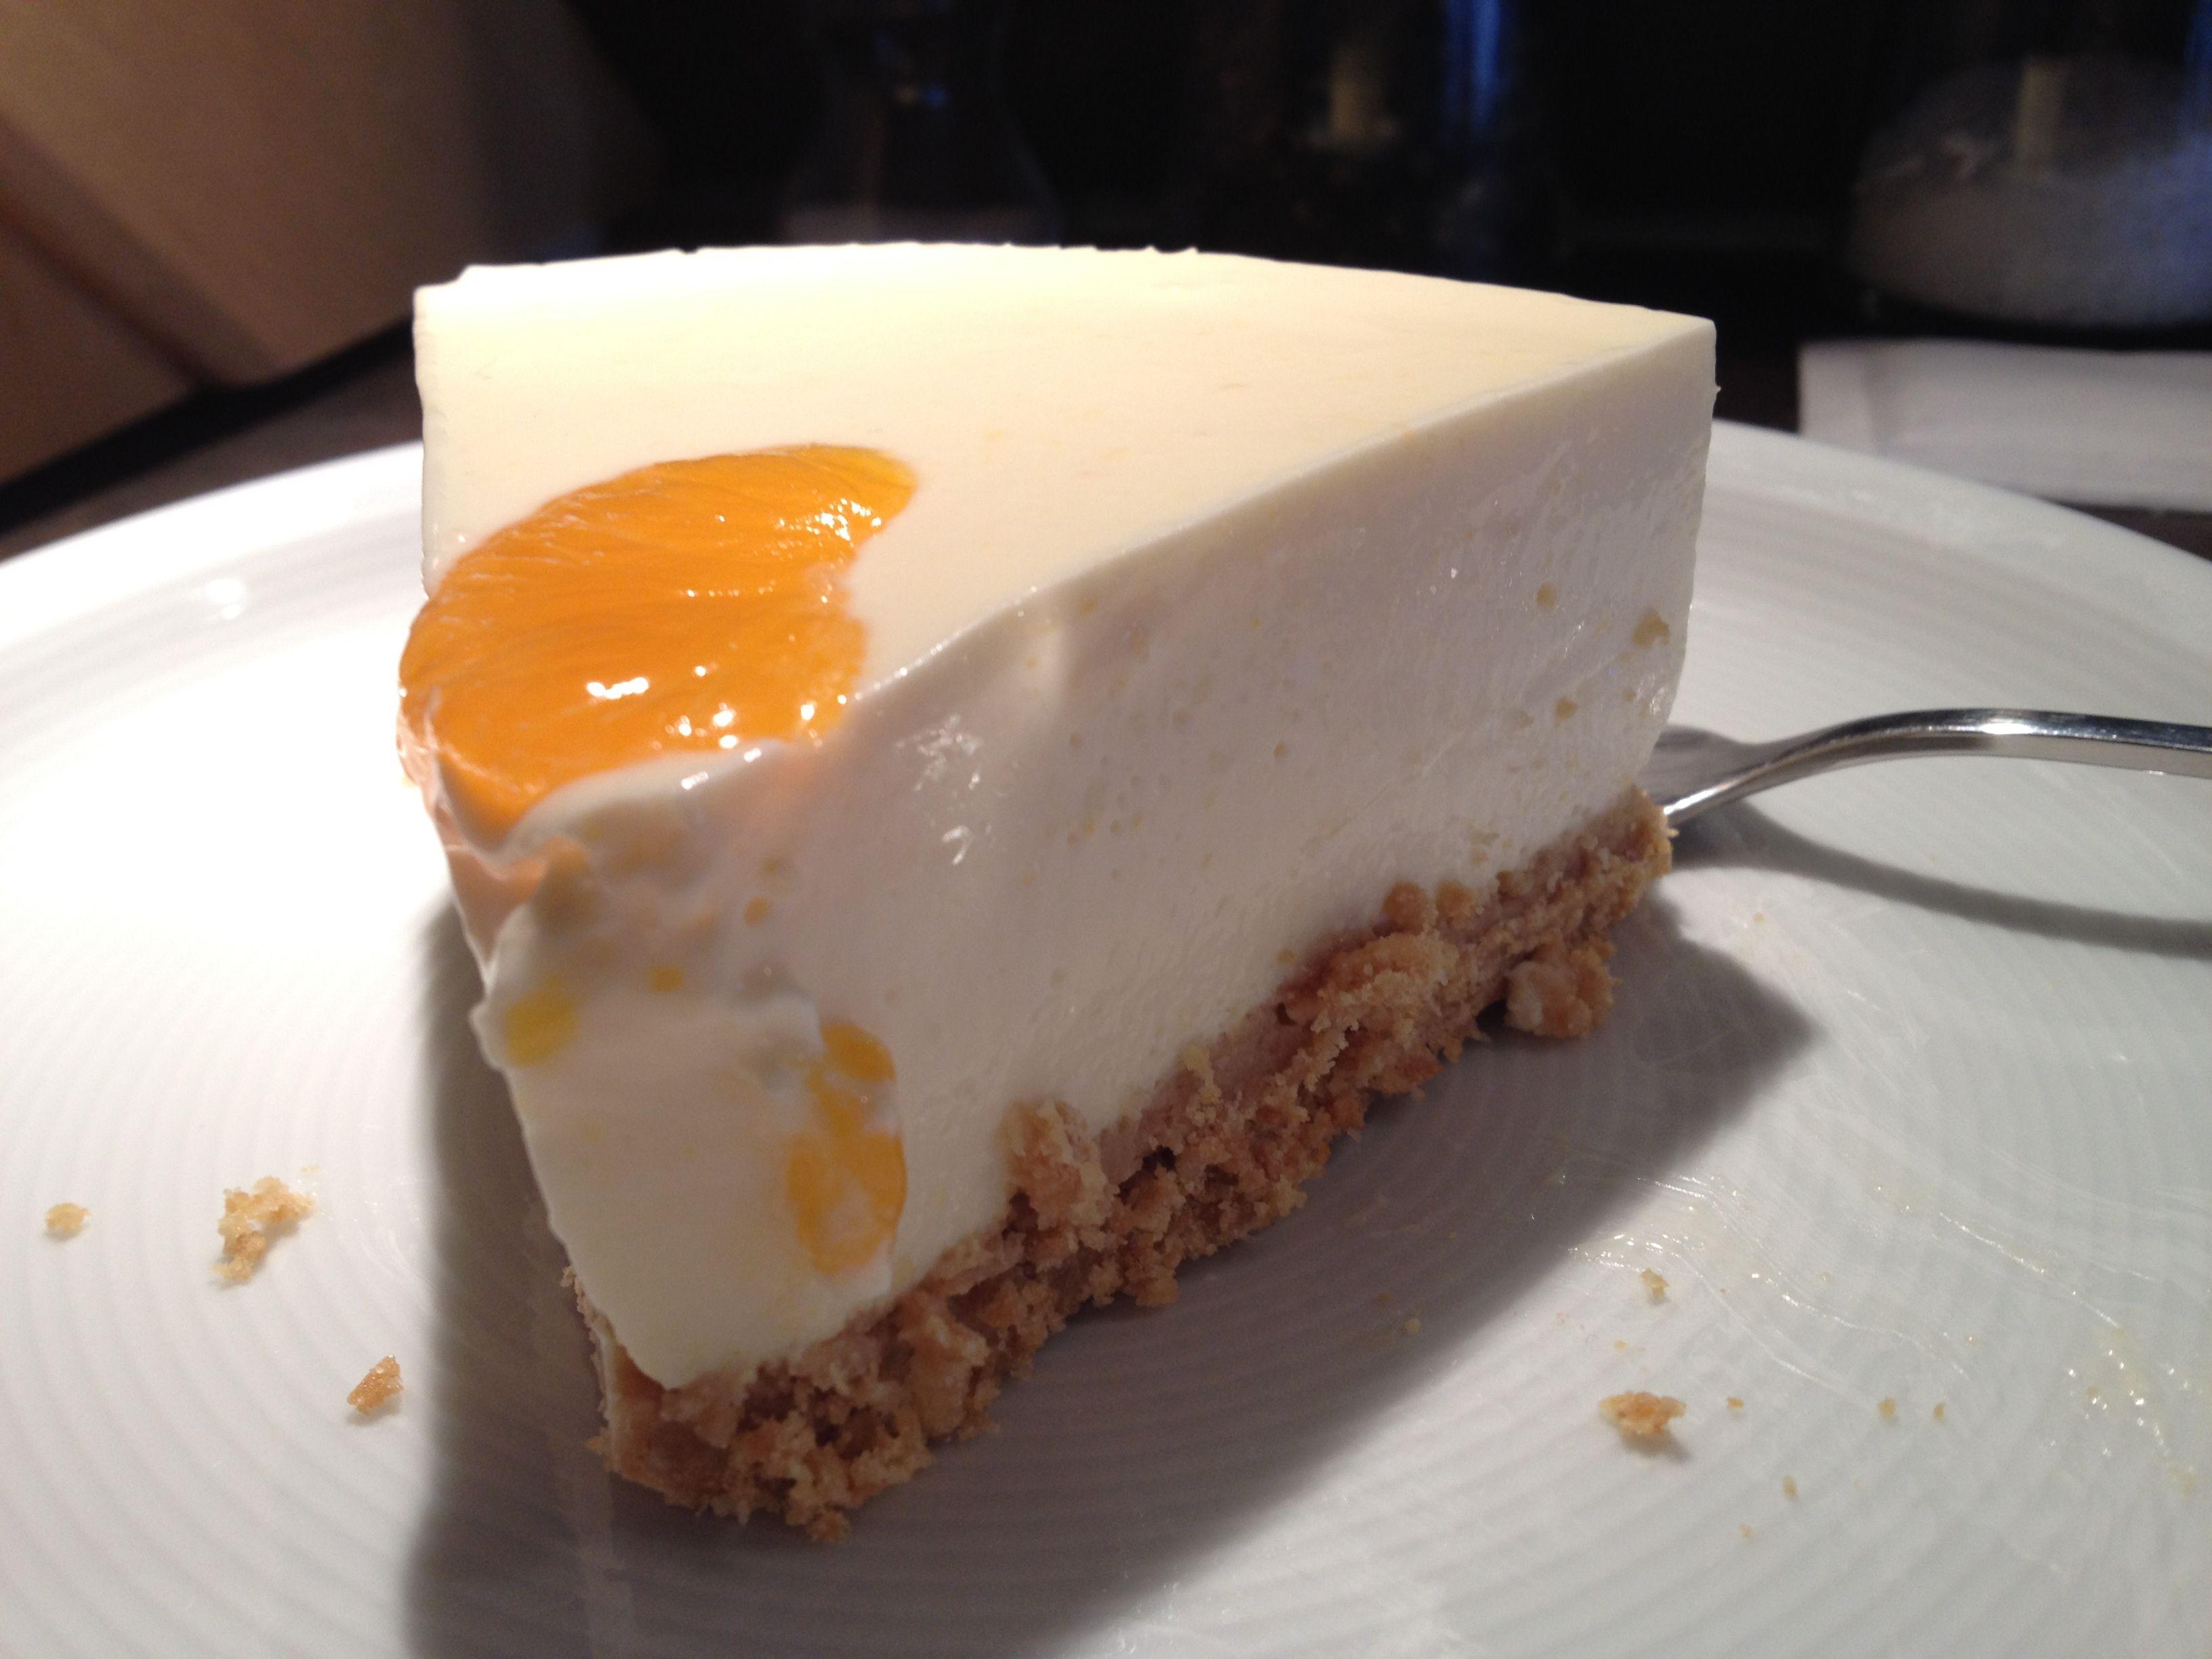 Quark.Mandarinen-Torte  http://jasminskuechengeheimnisse.wordpress.com/2014/03/01/quark-mandarinen-torte/